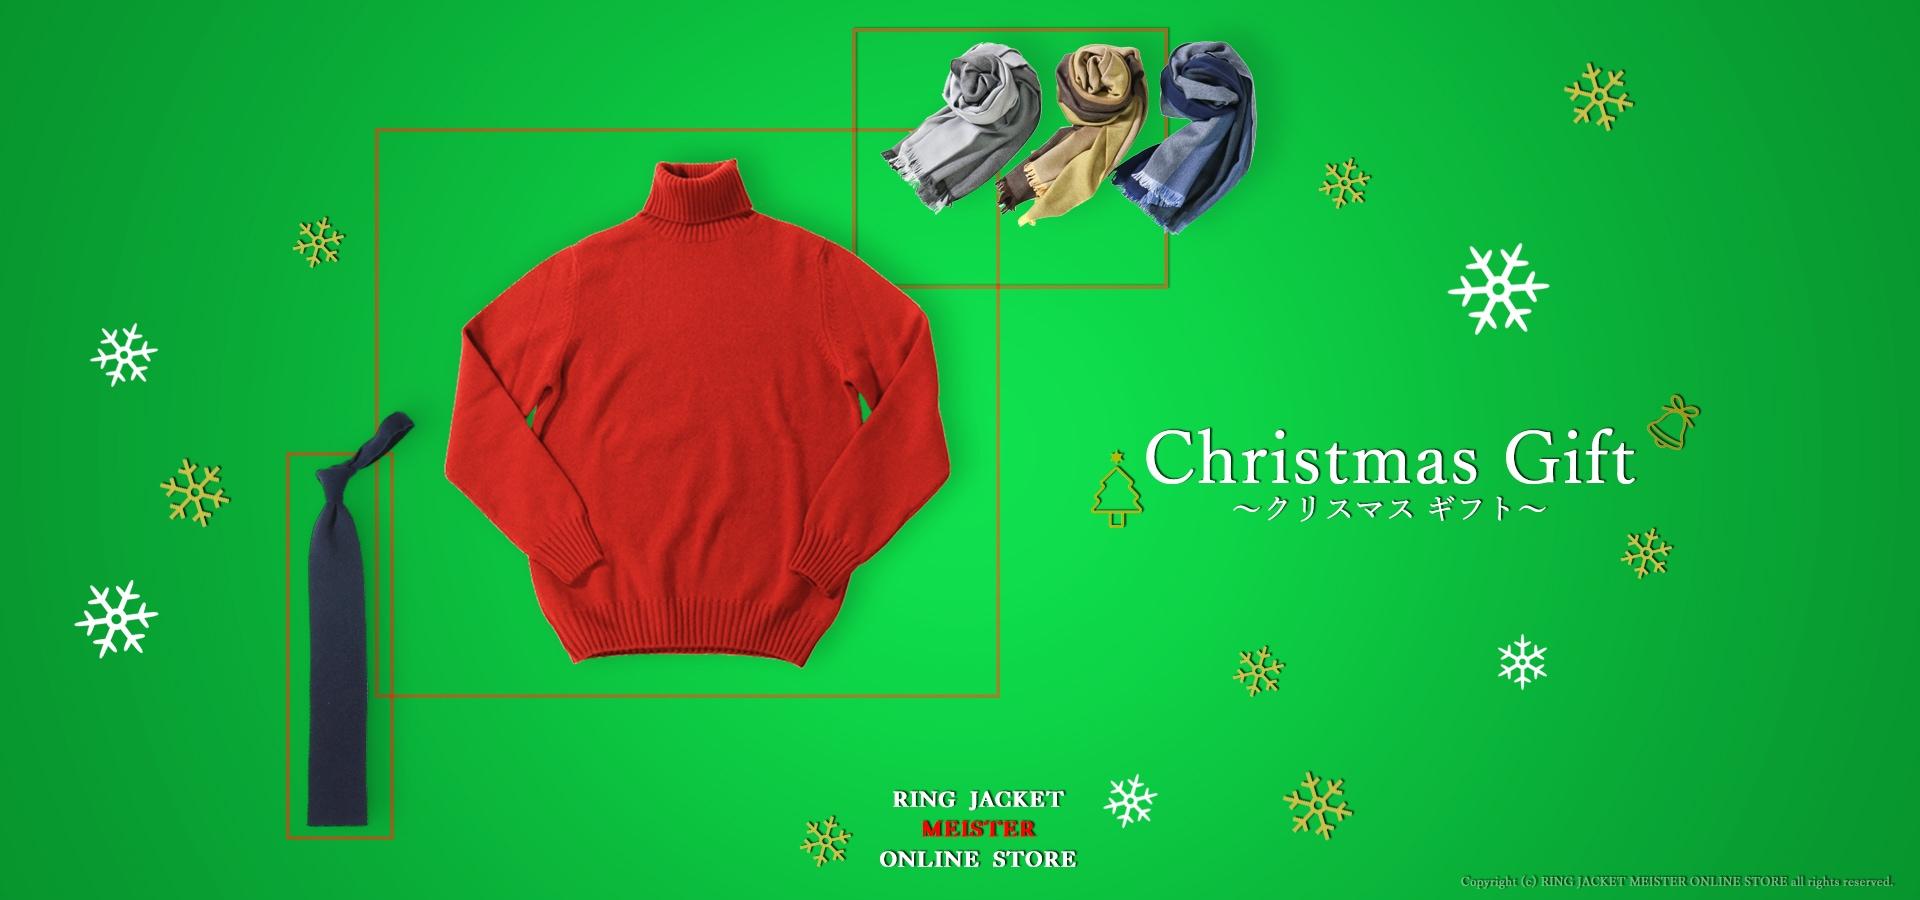 RINGJACKETクリスマスギフト